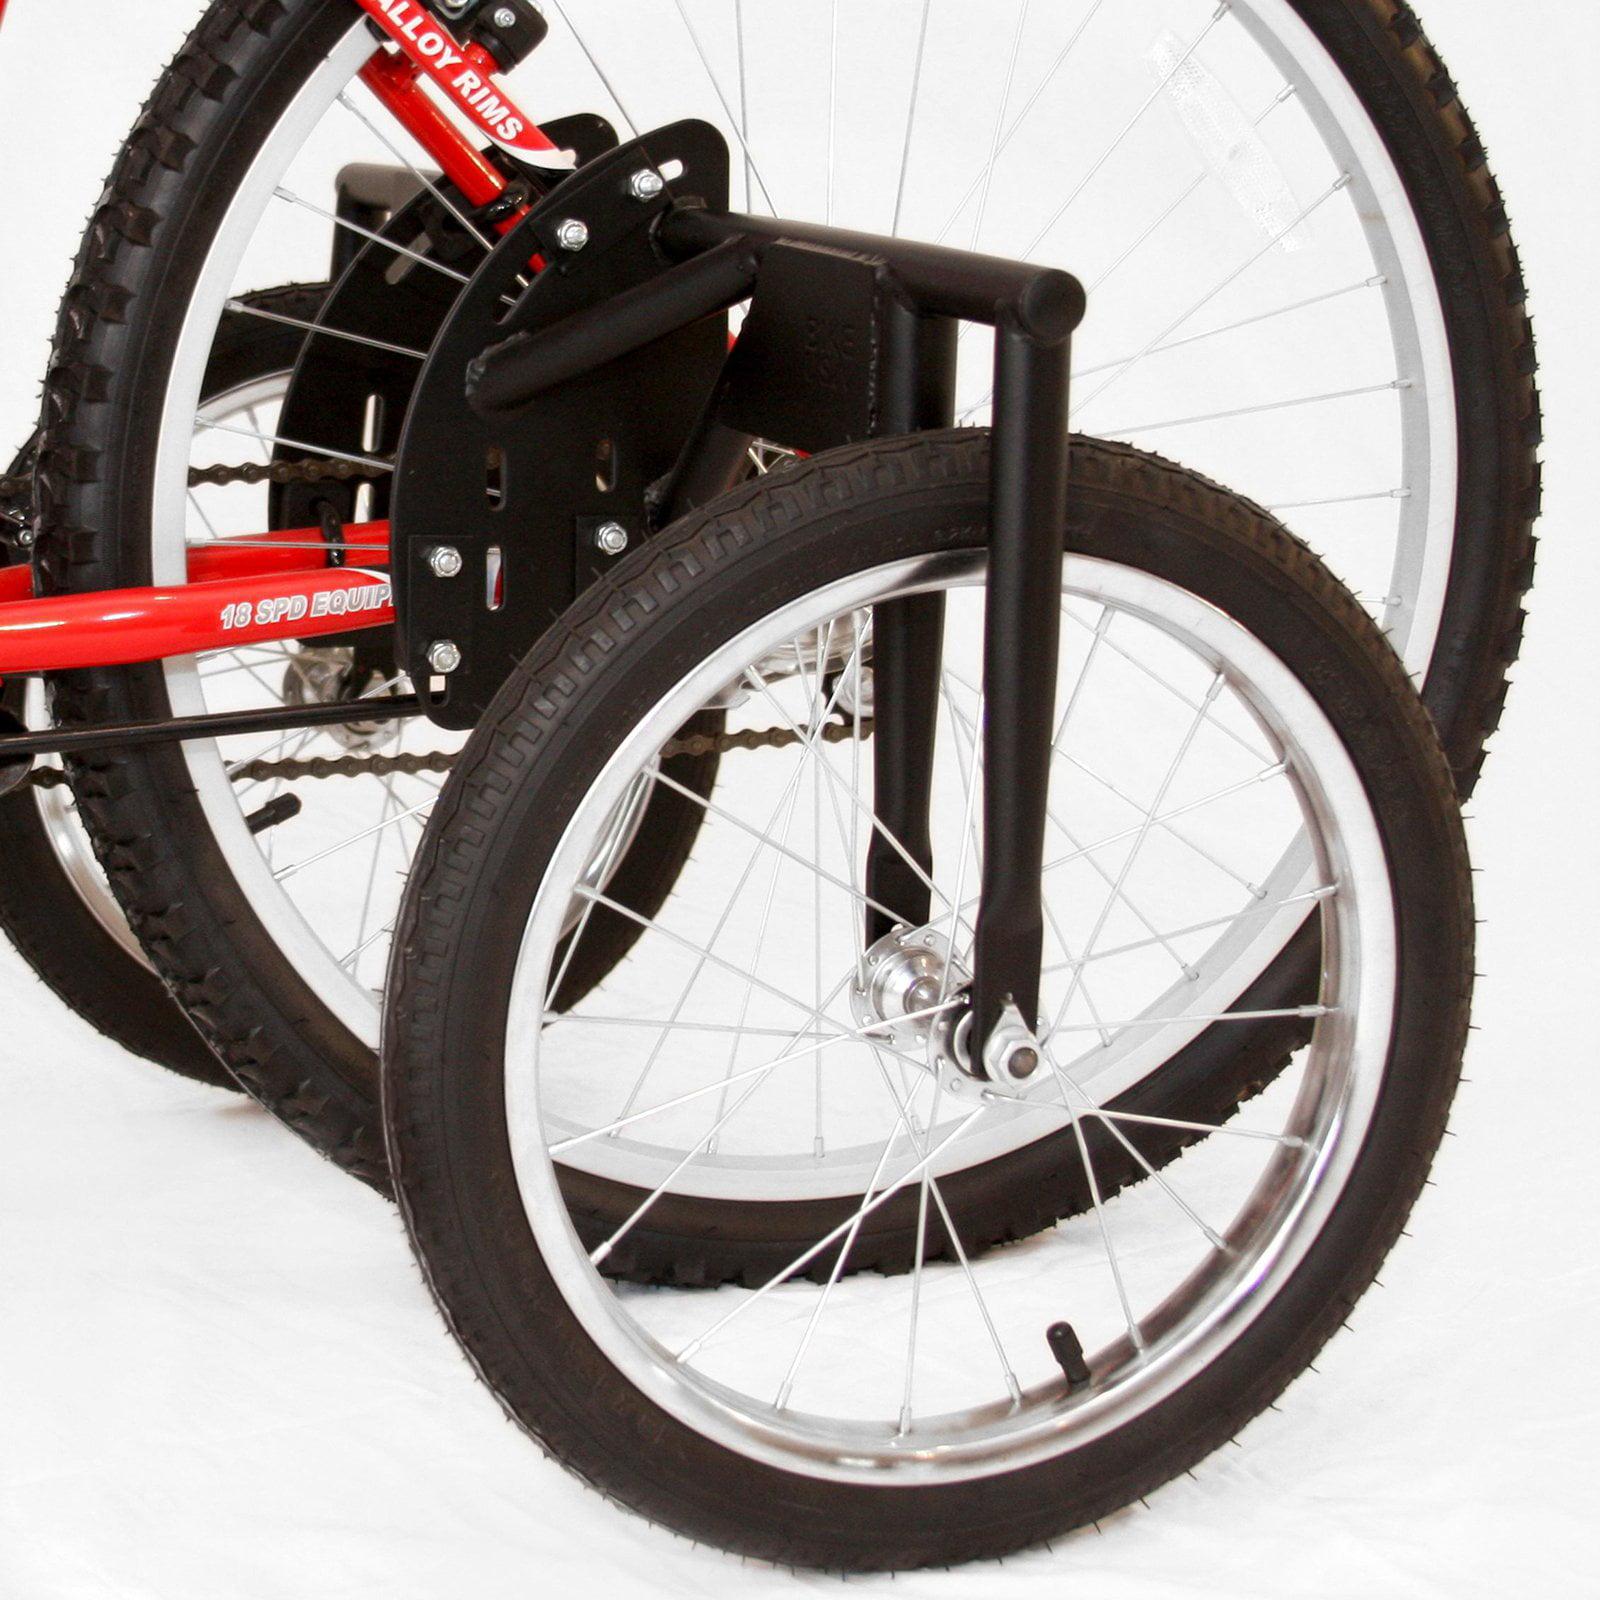 Inflatable Bike Pump Bike Air Pump Bicycle for Bicycle Electric Bike Motorcycle Automobile Tricycle Keenso Bike Floor Pump